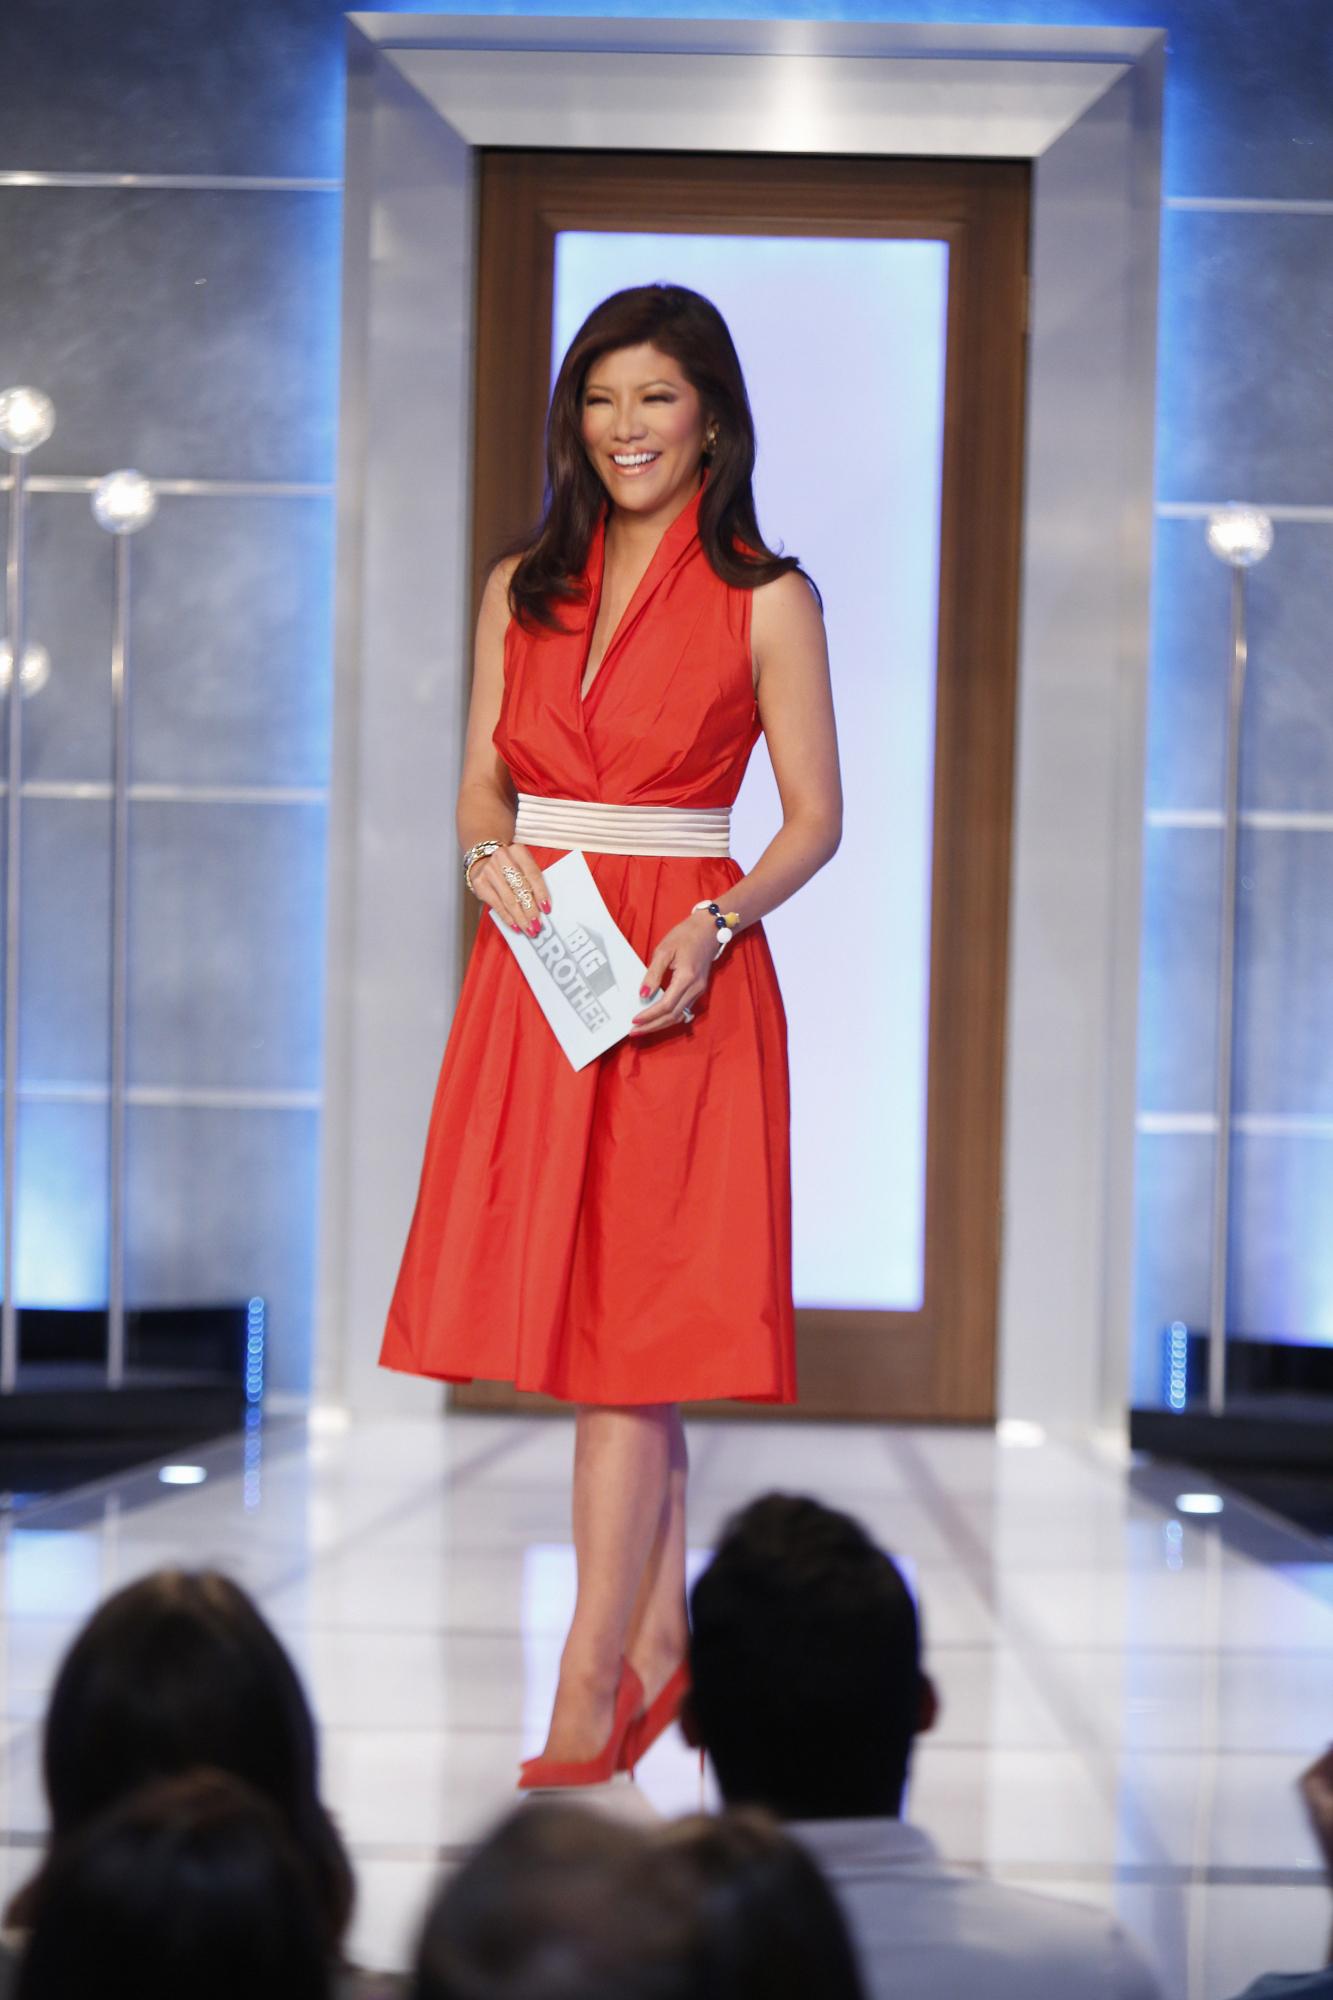 Julie Chen kicks off the show